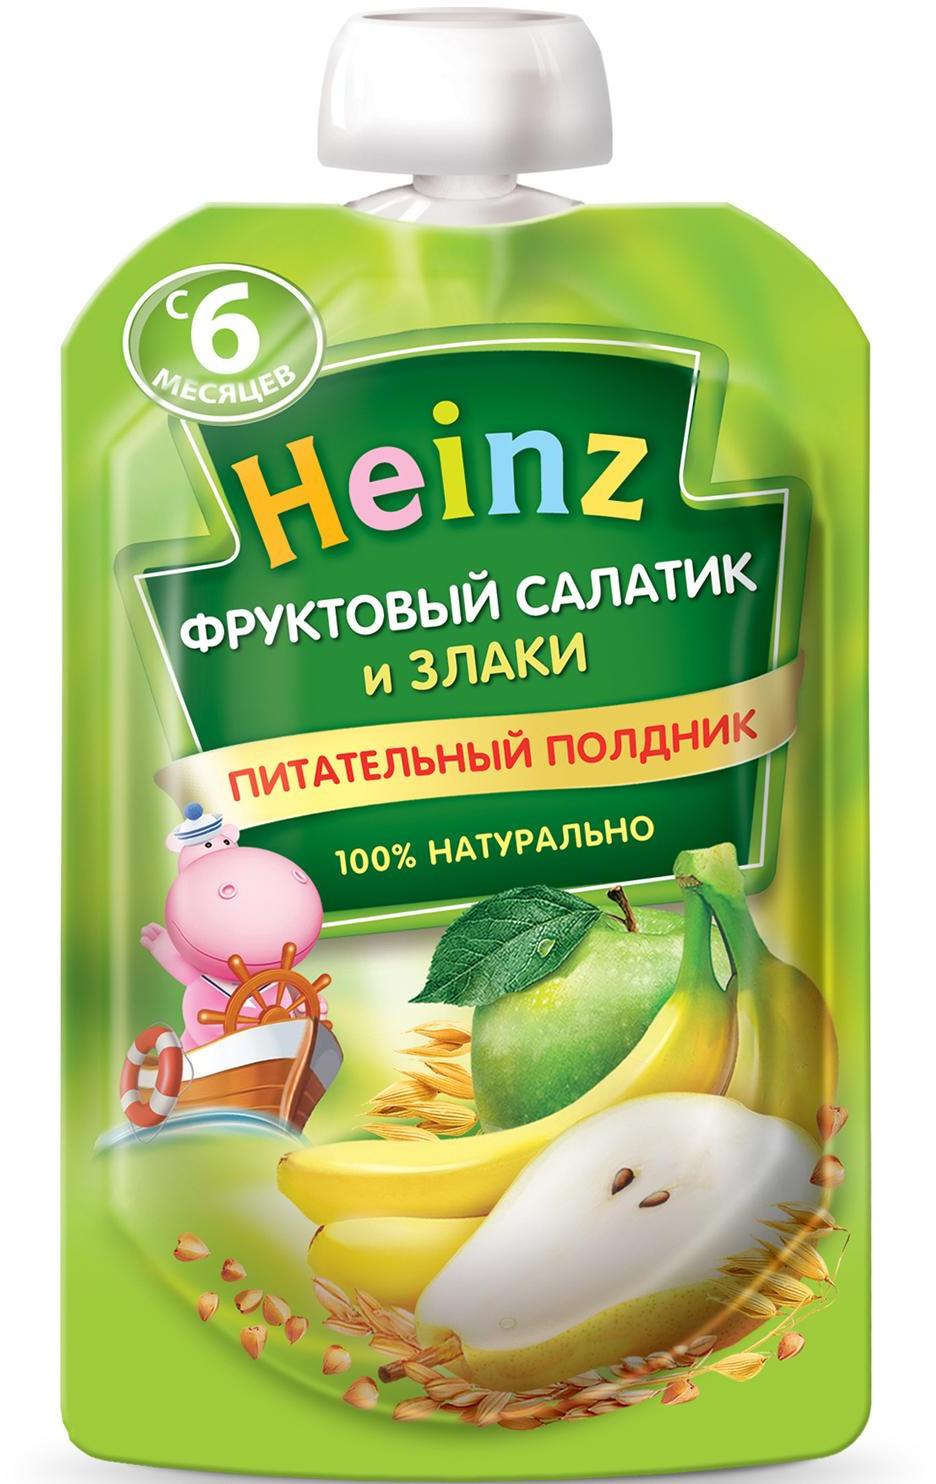 Пюре Heinz фруктовый салатик со злаками, с 6 месяцев, 90 г